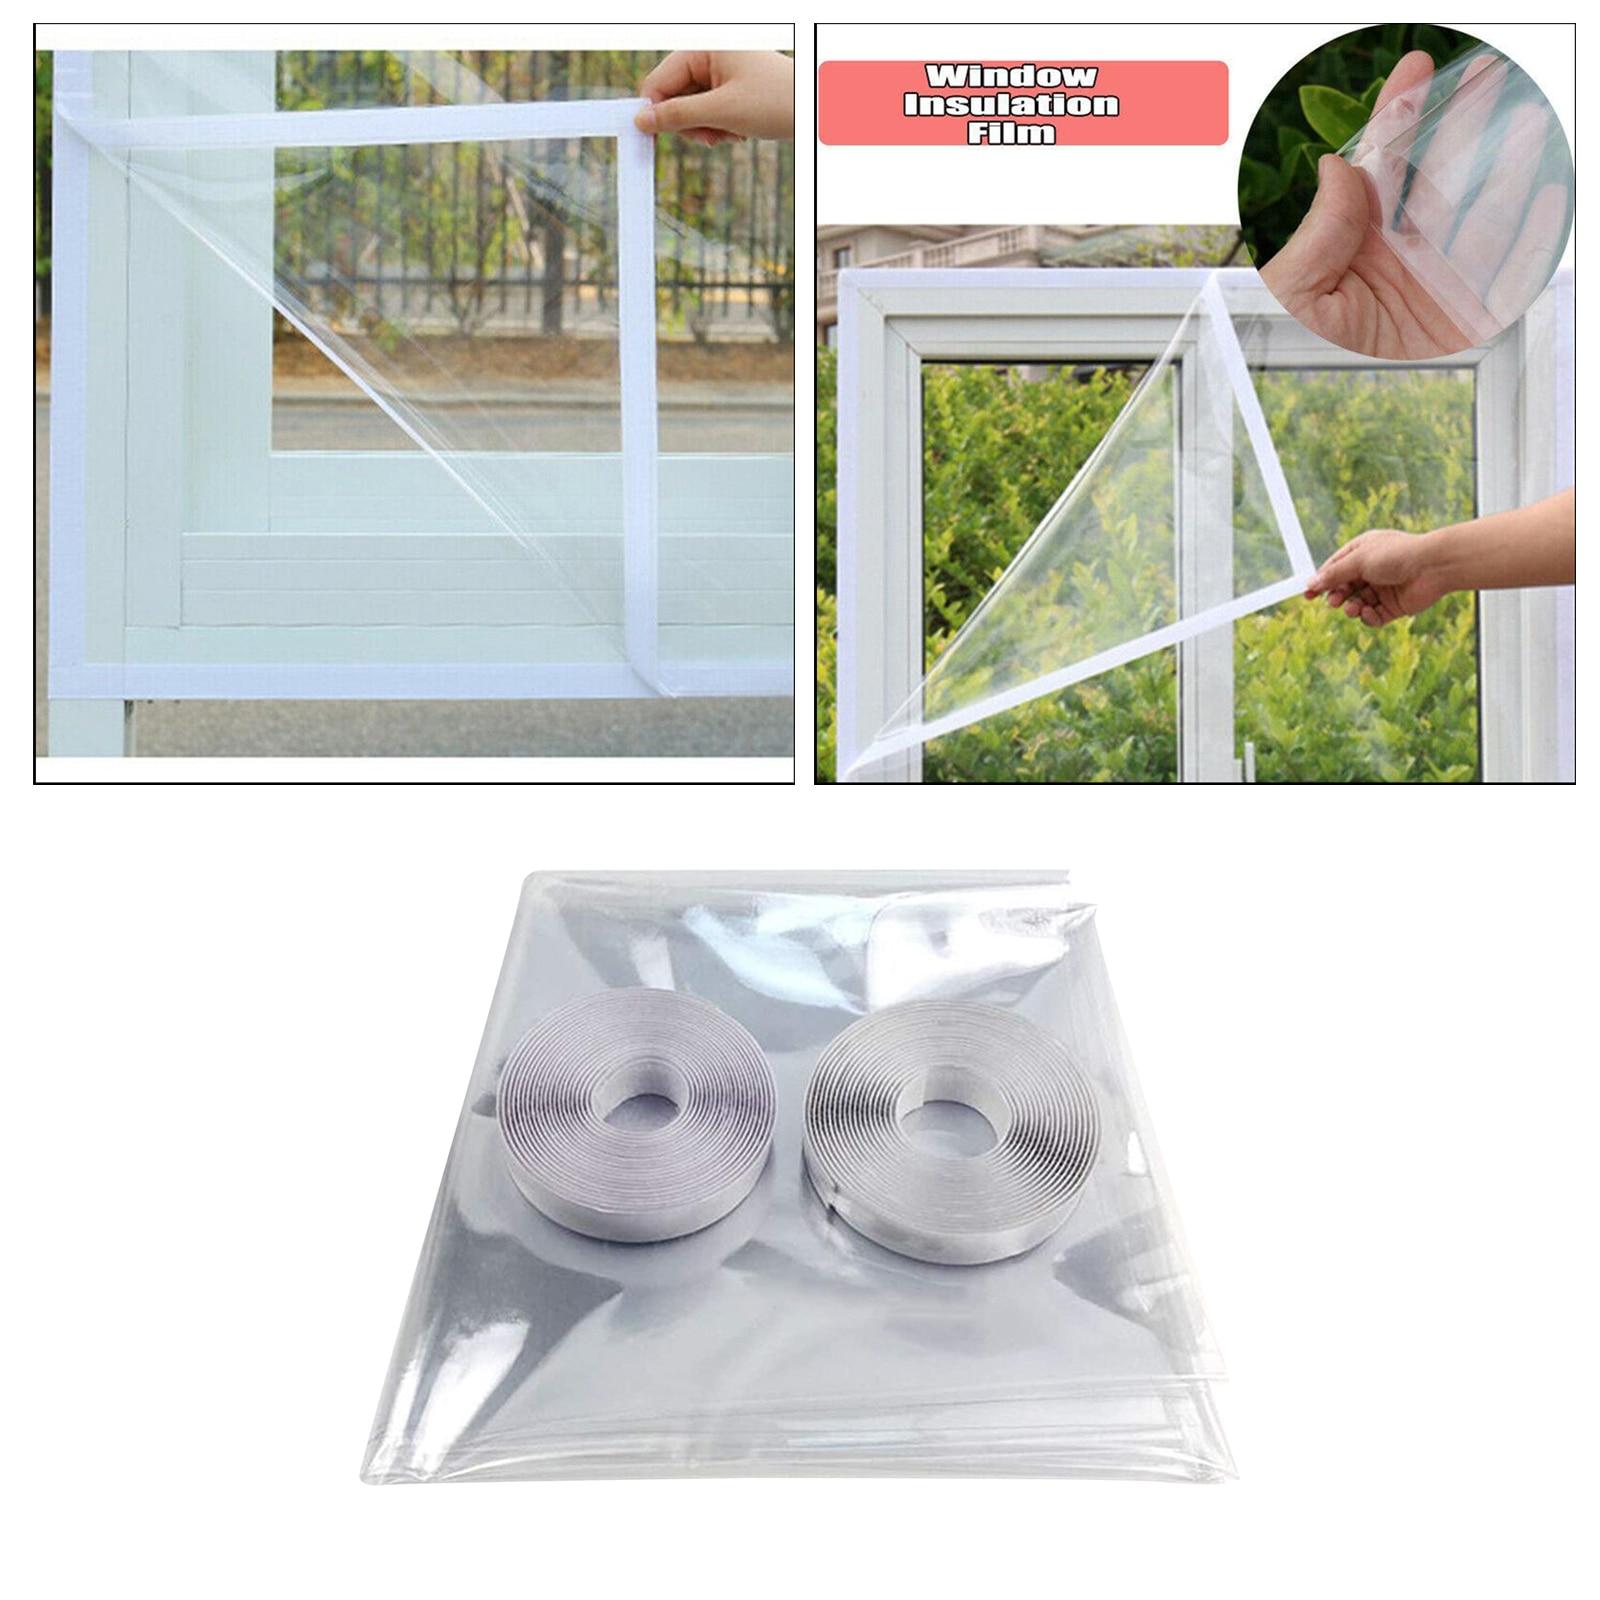 Теплоизоляционная ветрозащитная оконная пленка, декоративная самоклеящаяся пленка, наклейка, Энергосберегающая пленка-занавеска